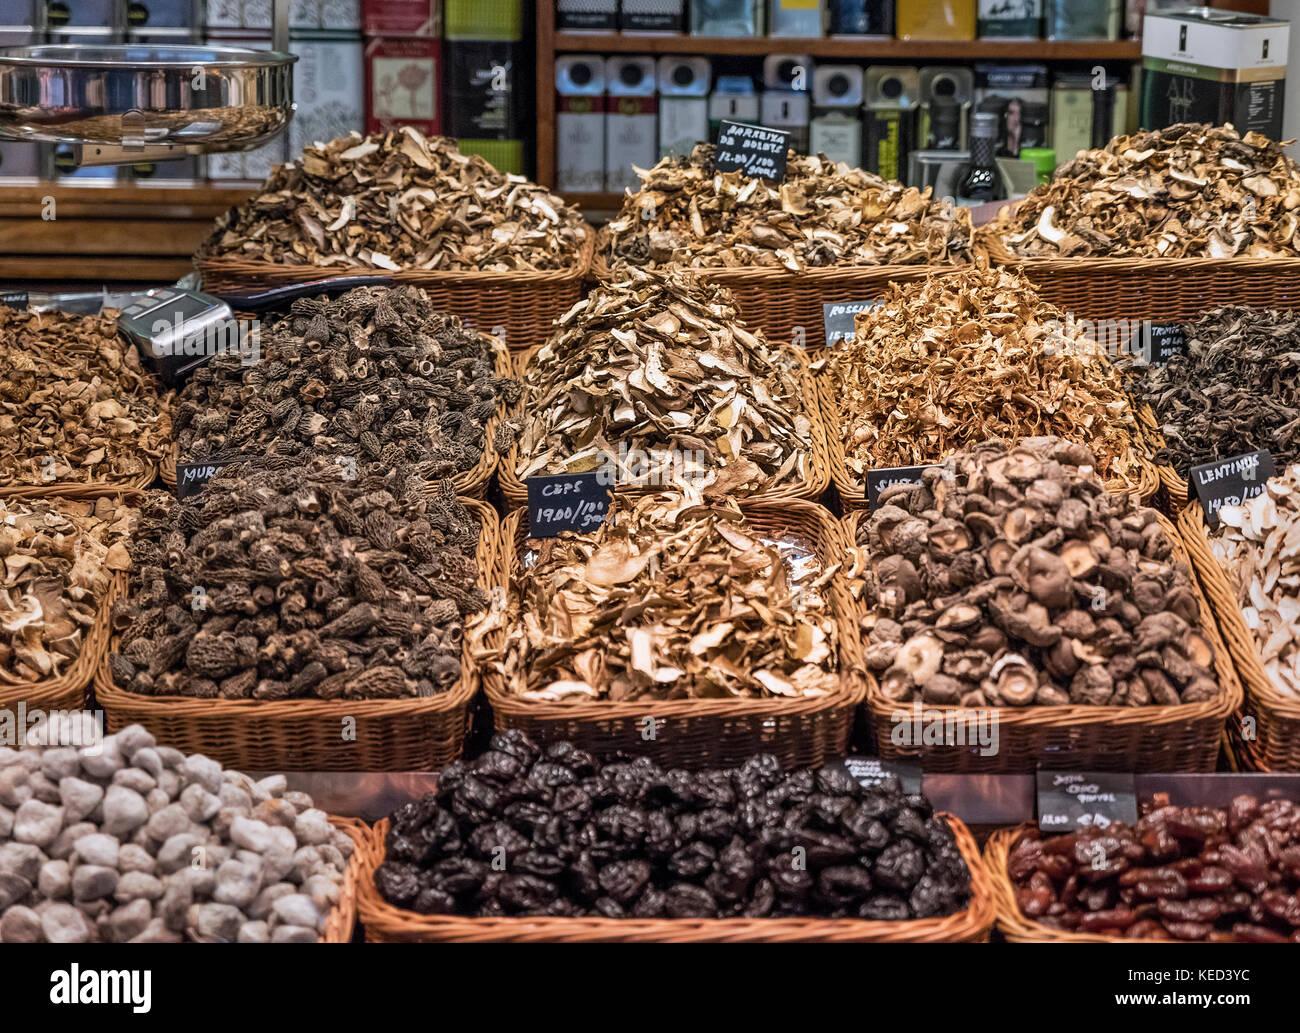 Mushroom vendor at the Mercat de Sant Josep de la Boqueria, Barcelona, Spain. - Stock Image